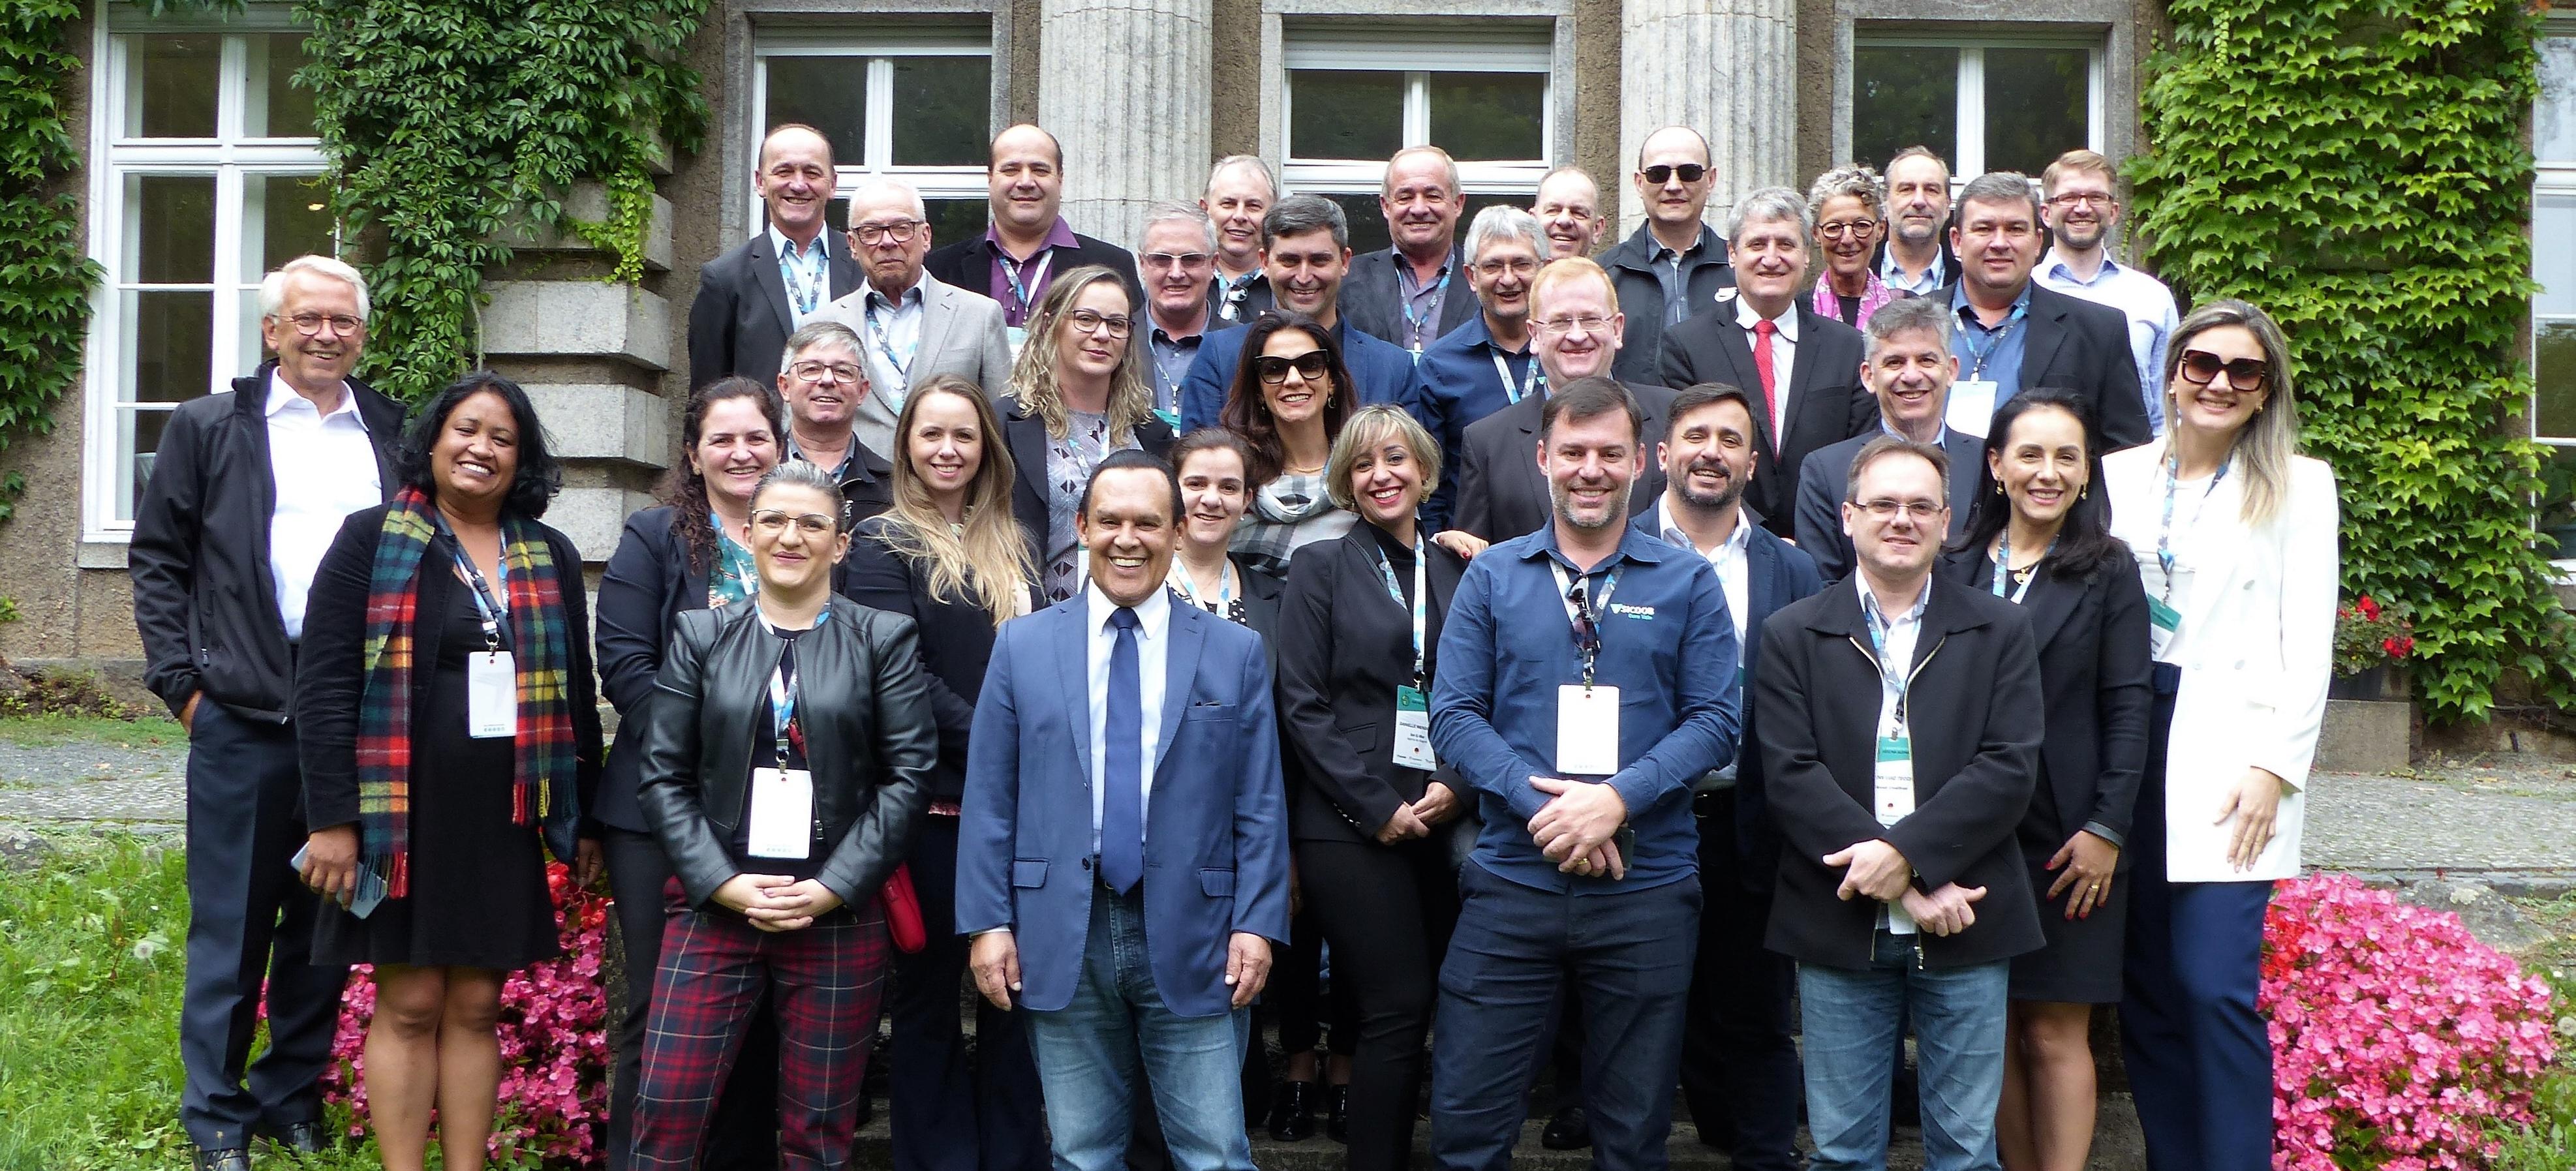 Brasilianische Delegation zu Besuch